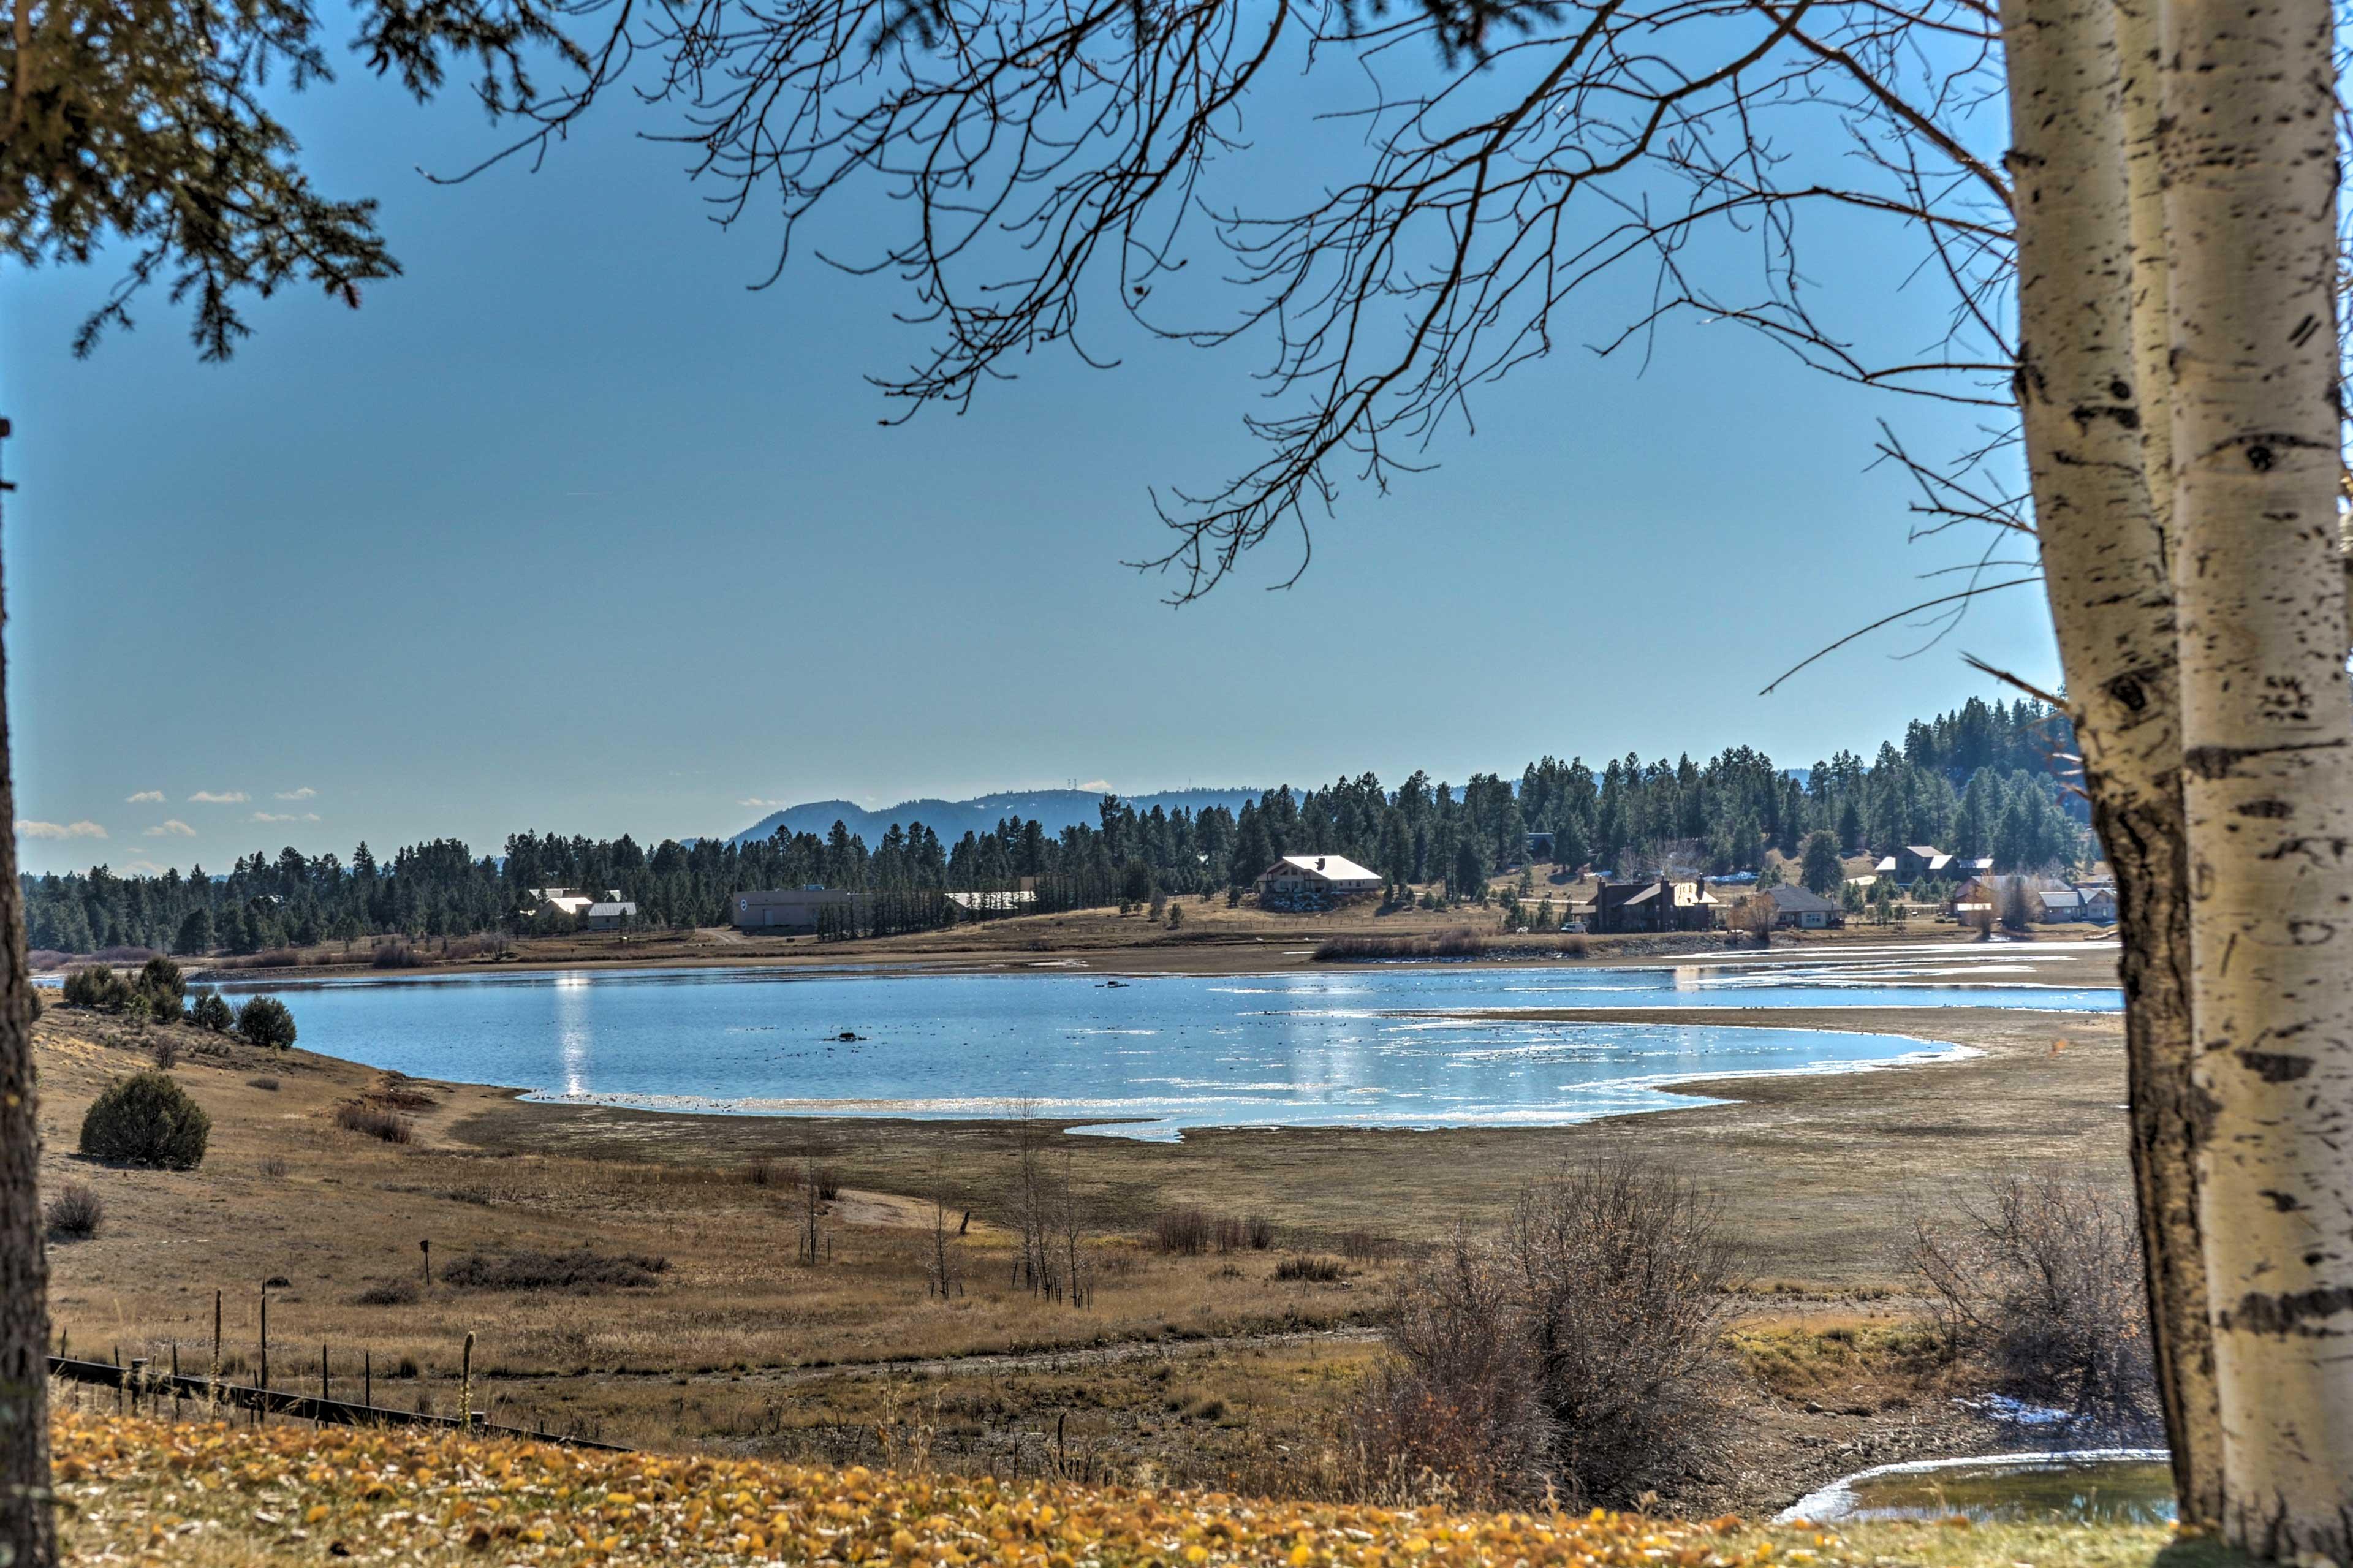 Enjoy views of Hatcher Reservoir!